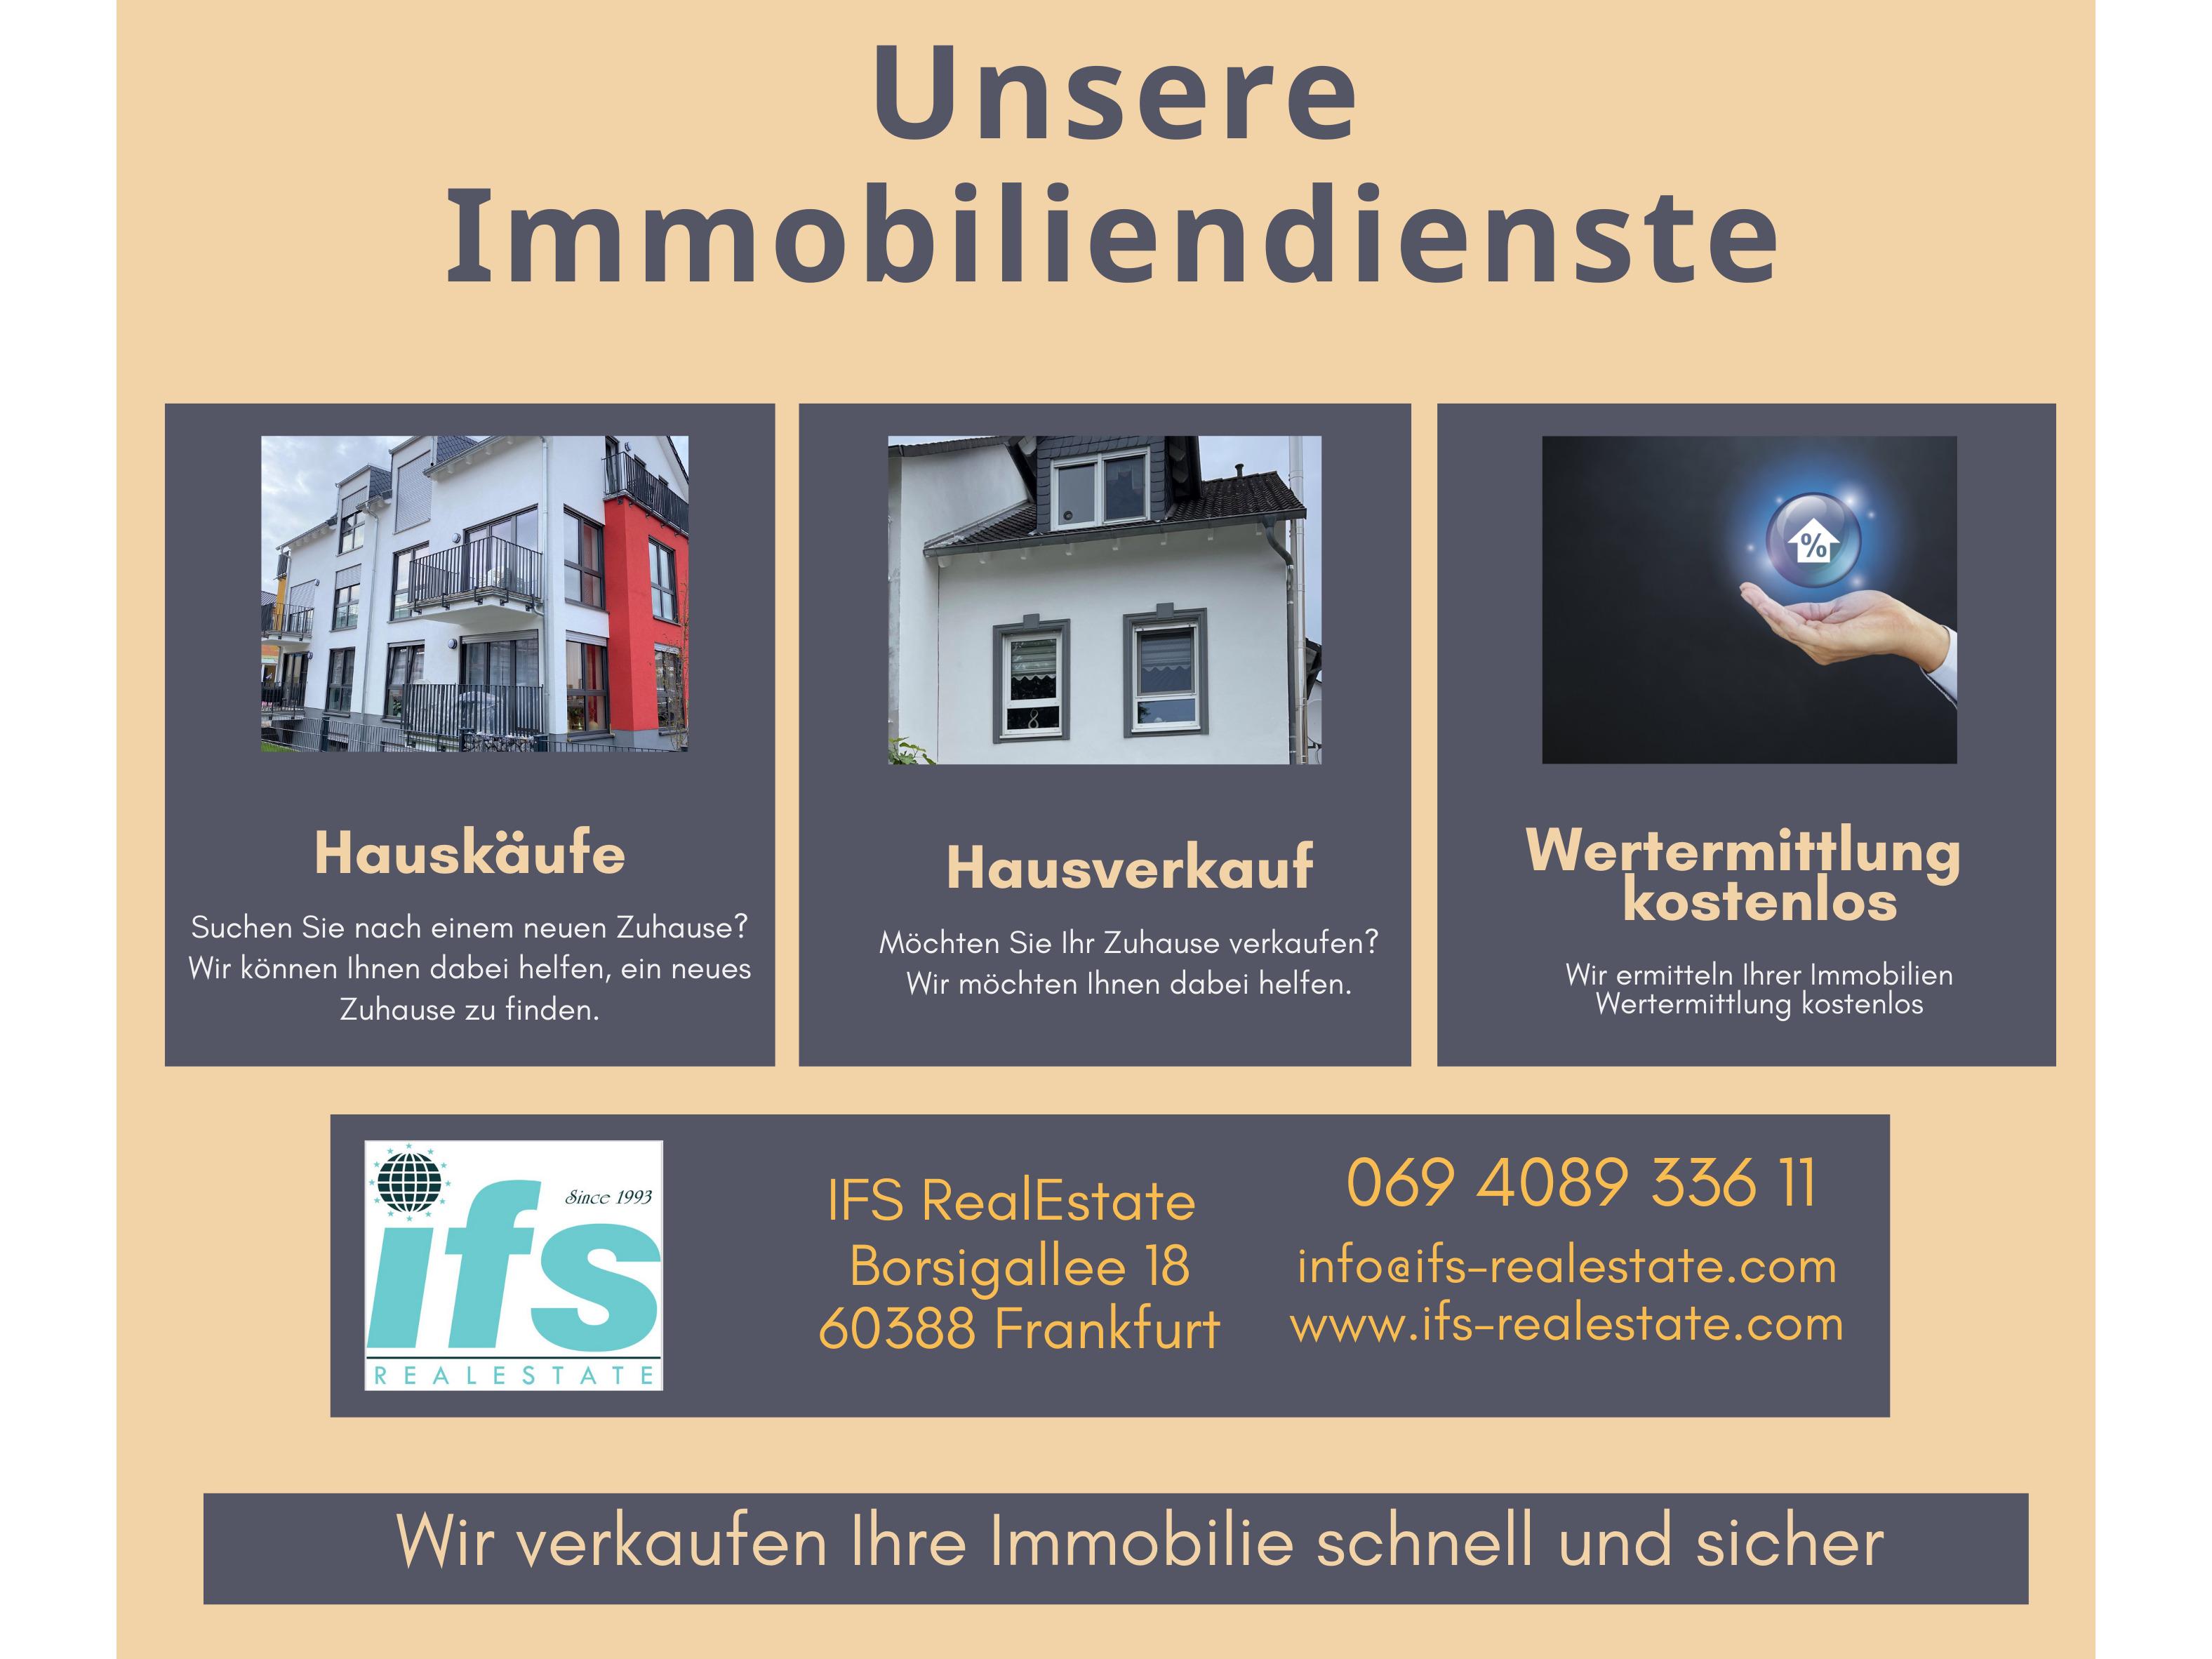 IFS Real Estate   - IFS Internationale Finanz Service GmbH